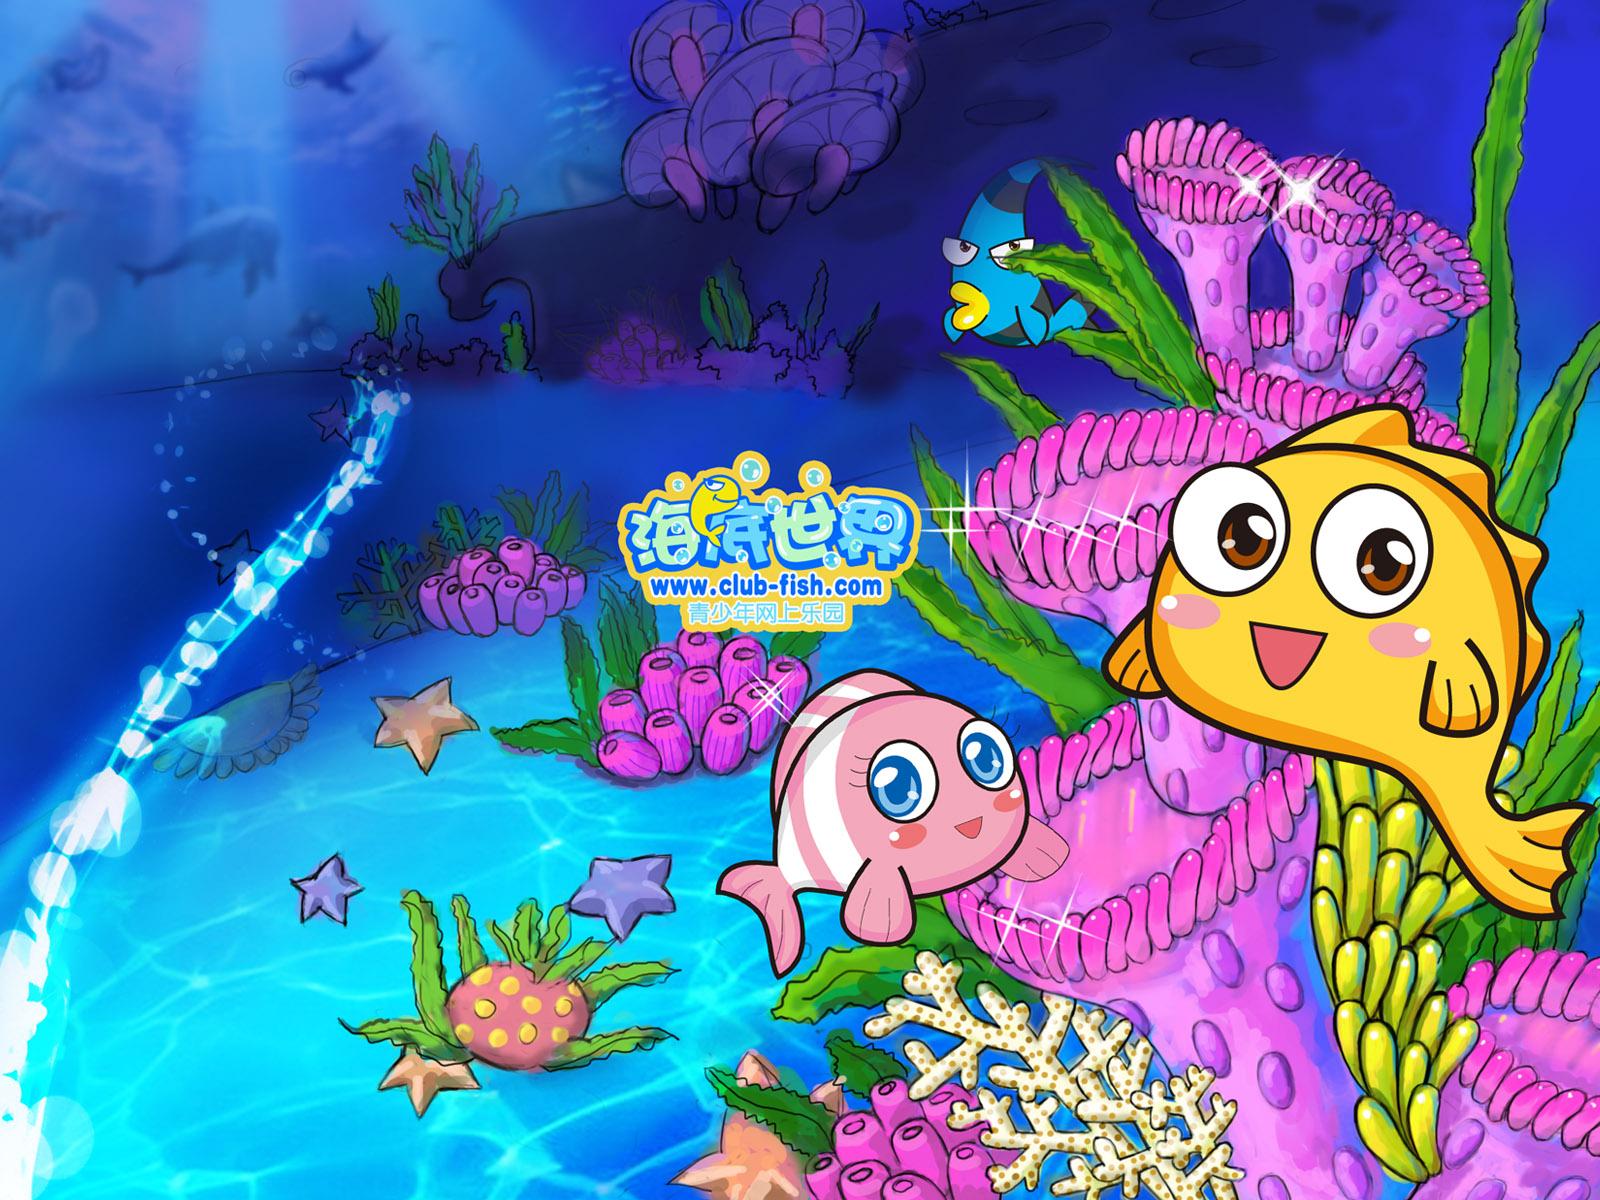 海底世界; 彩色海底世界简笔画